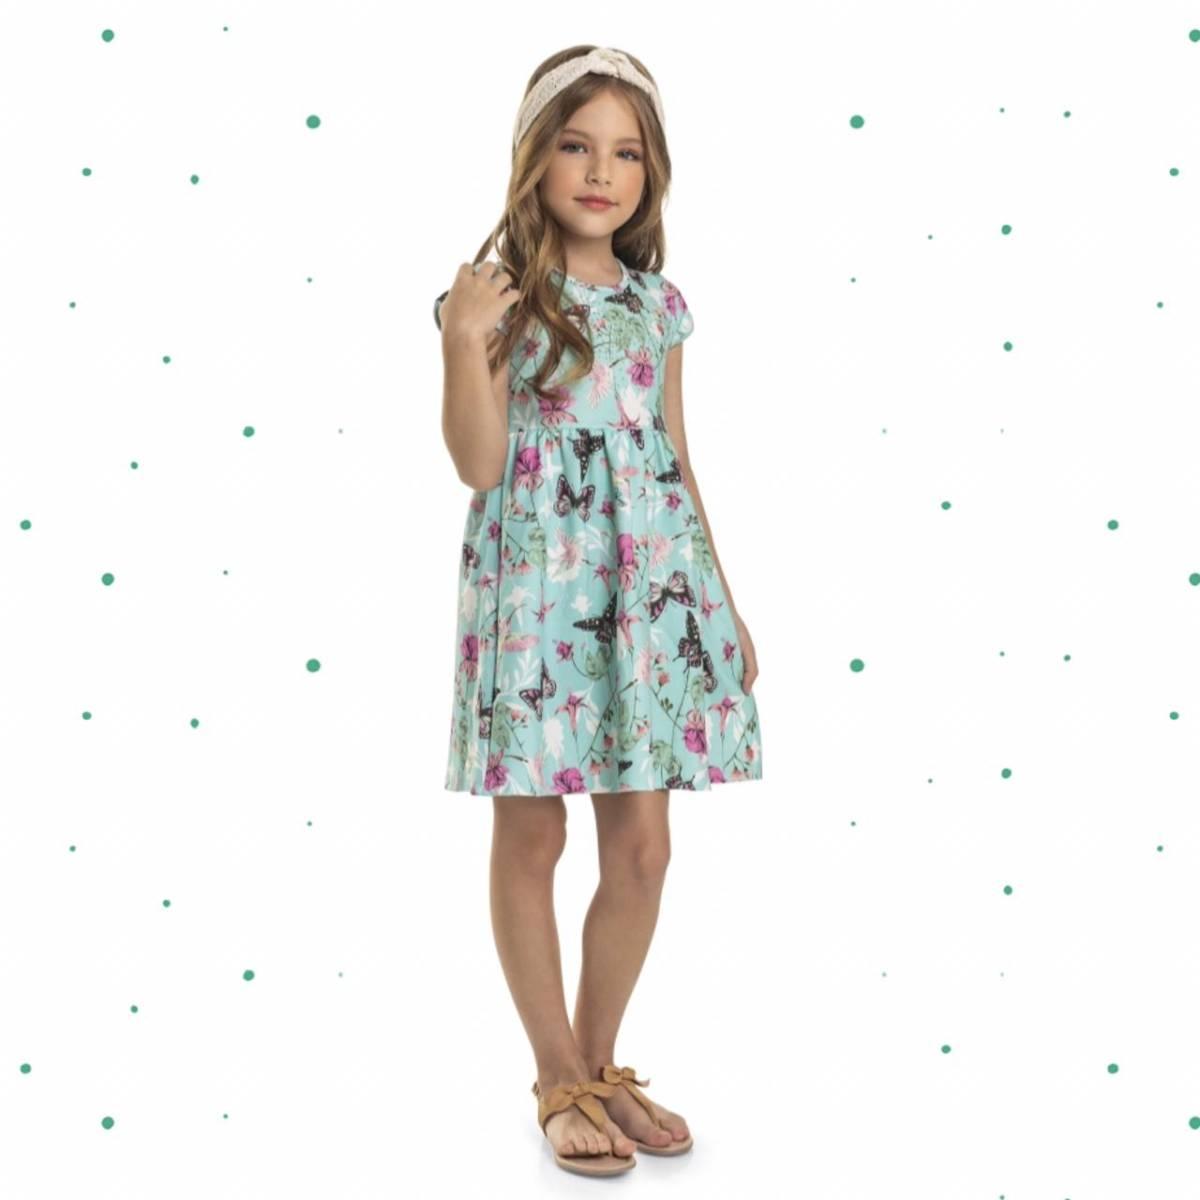 Vestido Infantil Quimby em Malha Jacquard Sublimada Estampado